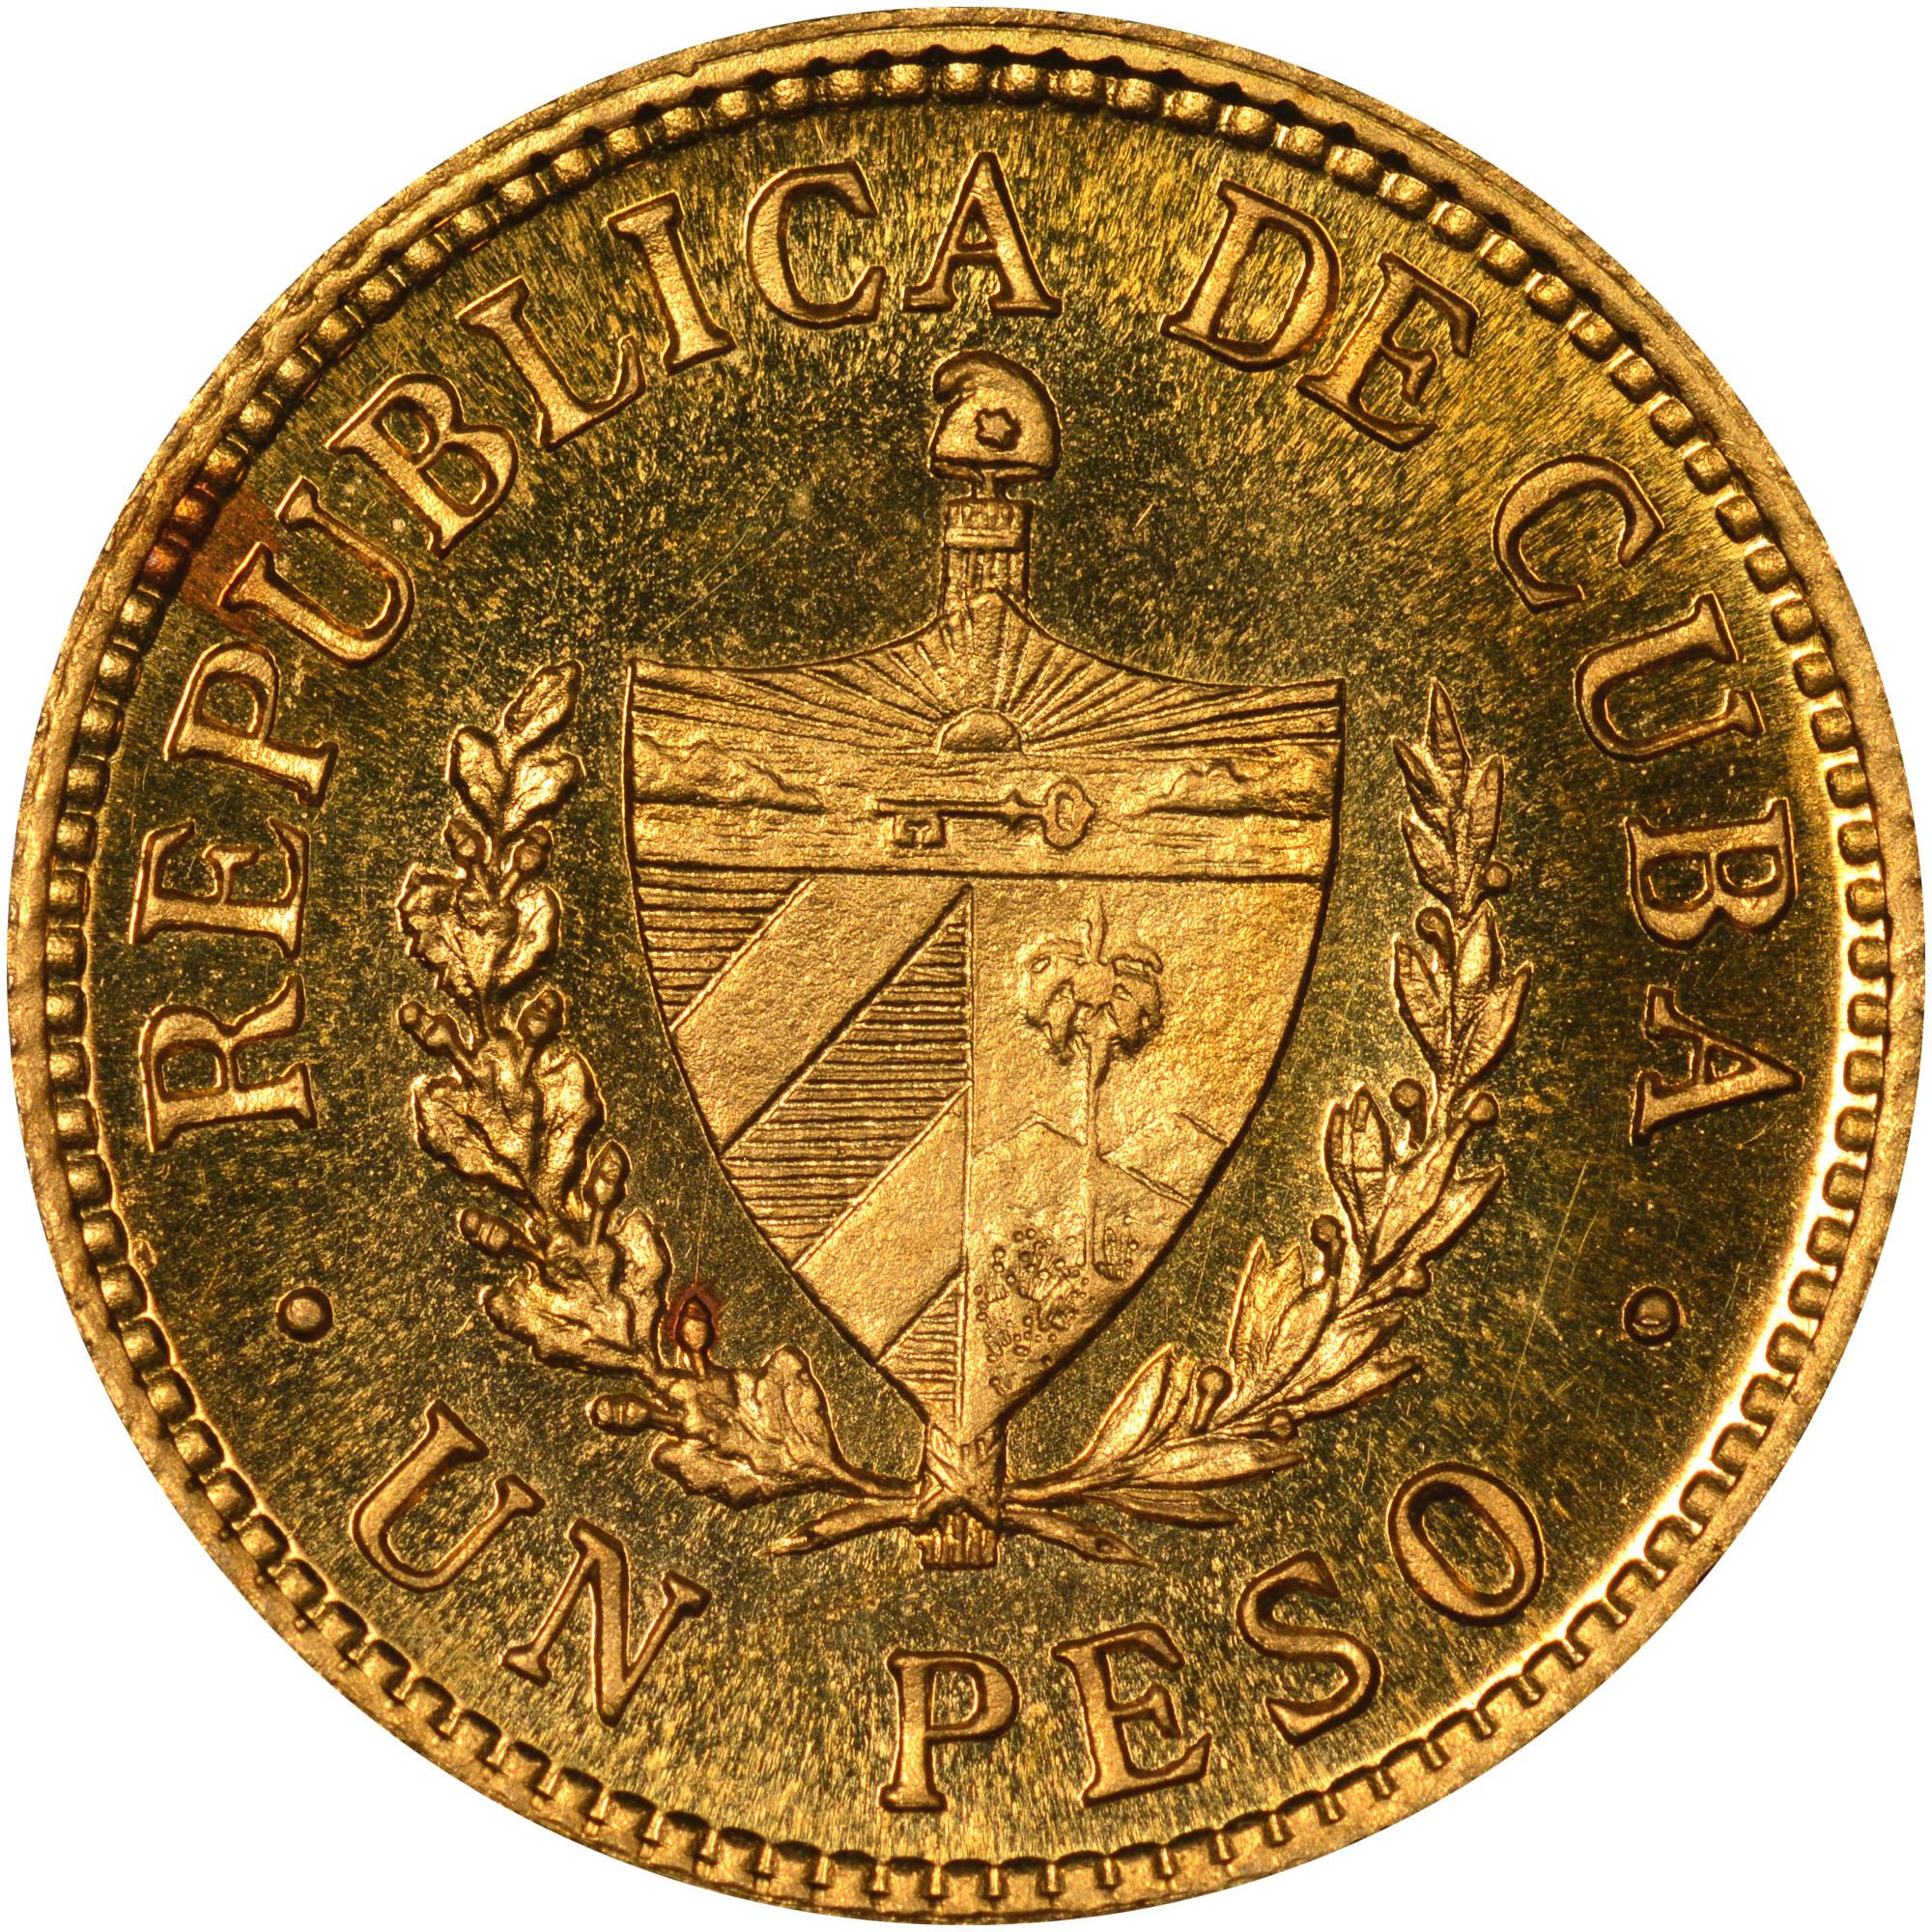 1915-1916 Cuba Peso reverse